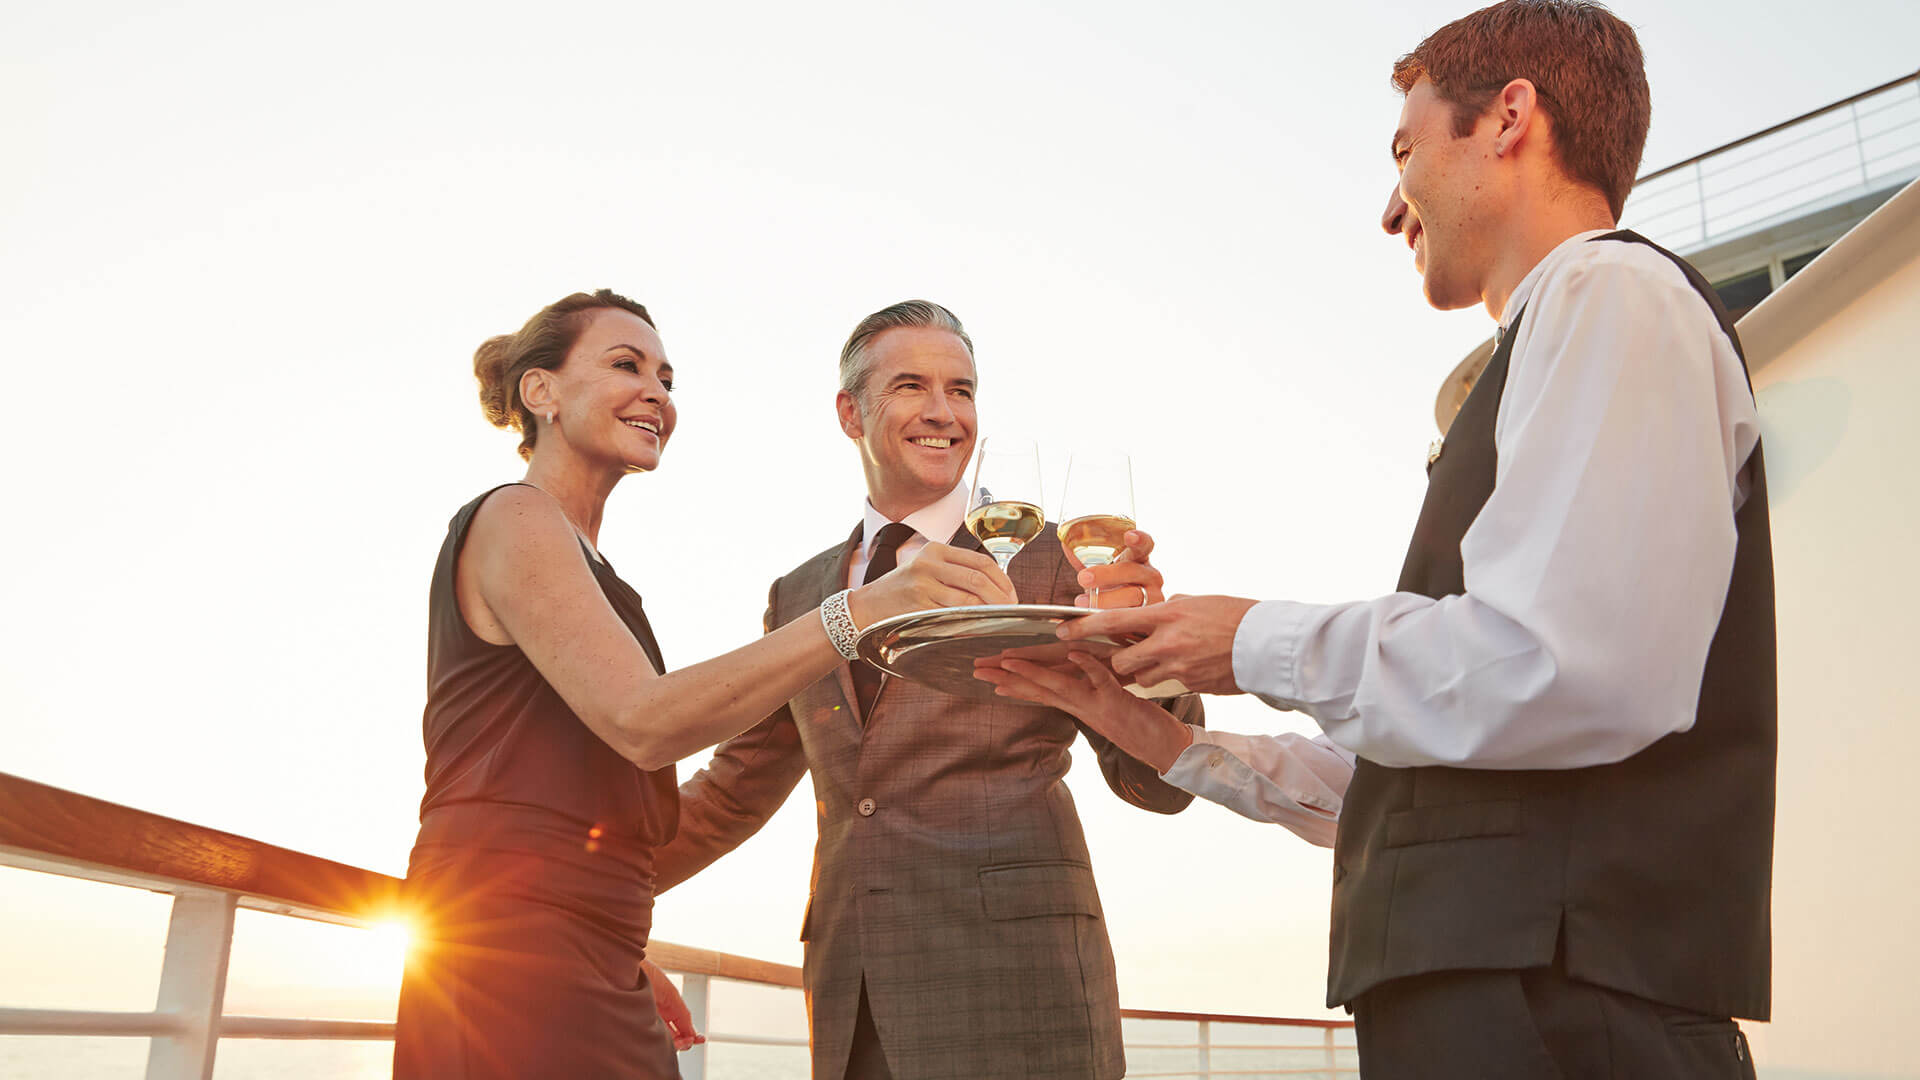 世界一の豪華客船、シーボーン・アンコールが就航